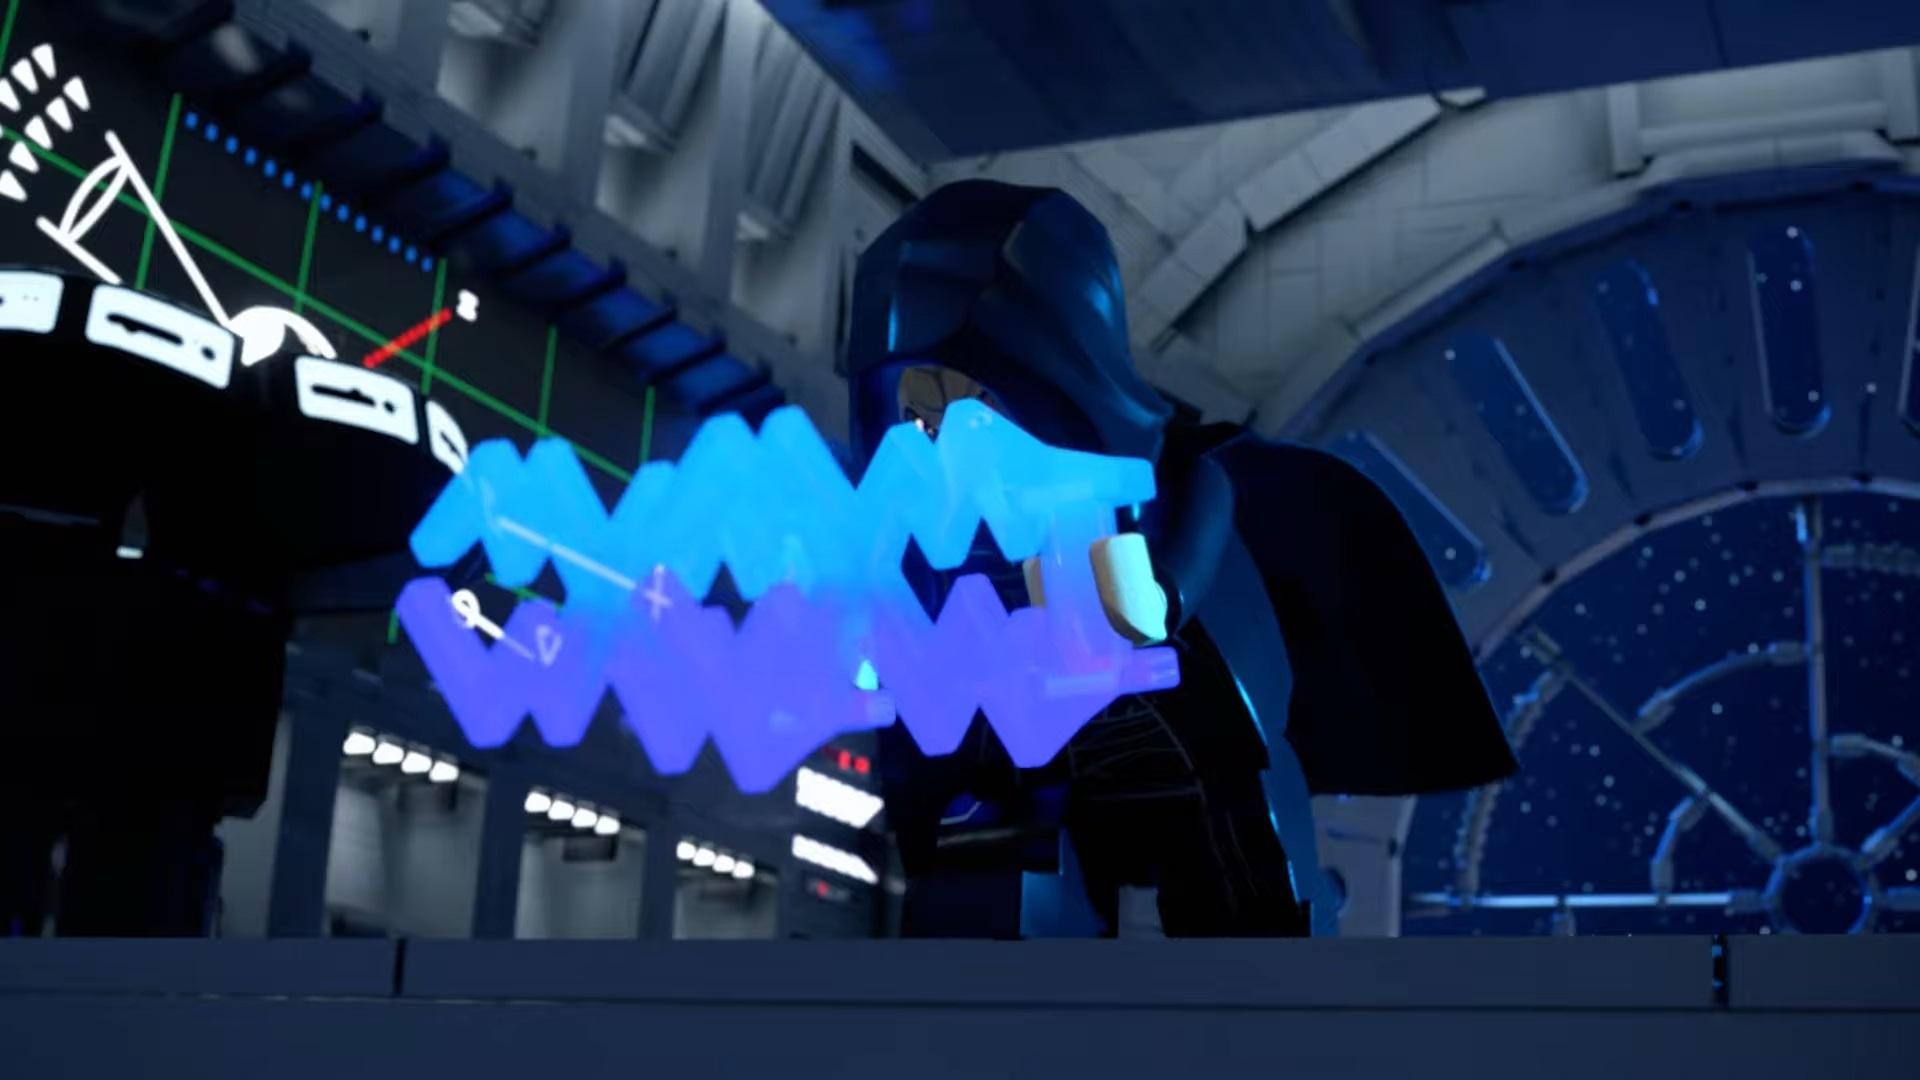 画像集 001 レゴ スター ウォーズ スカイウォーカー サーガ のゲームプレイトレイラーが公開 発売